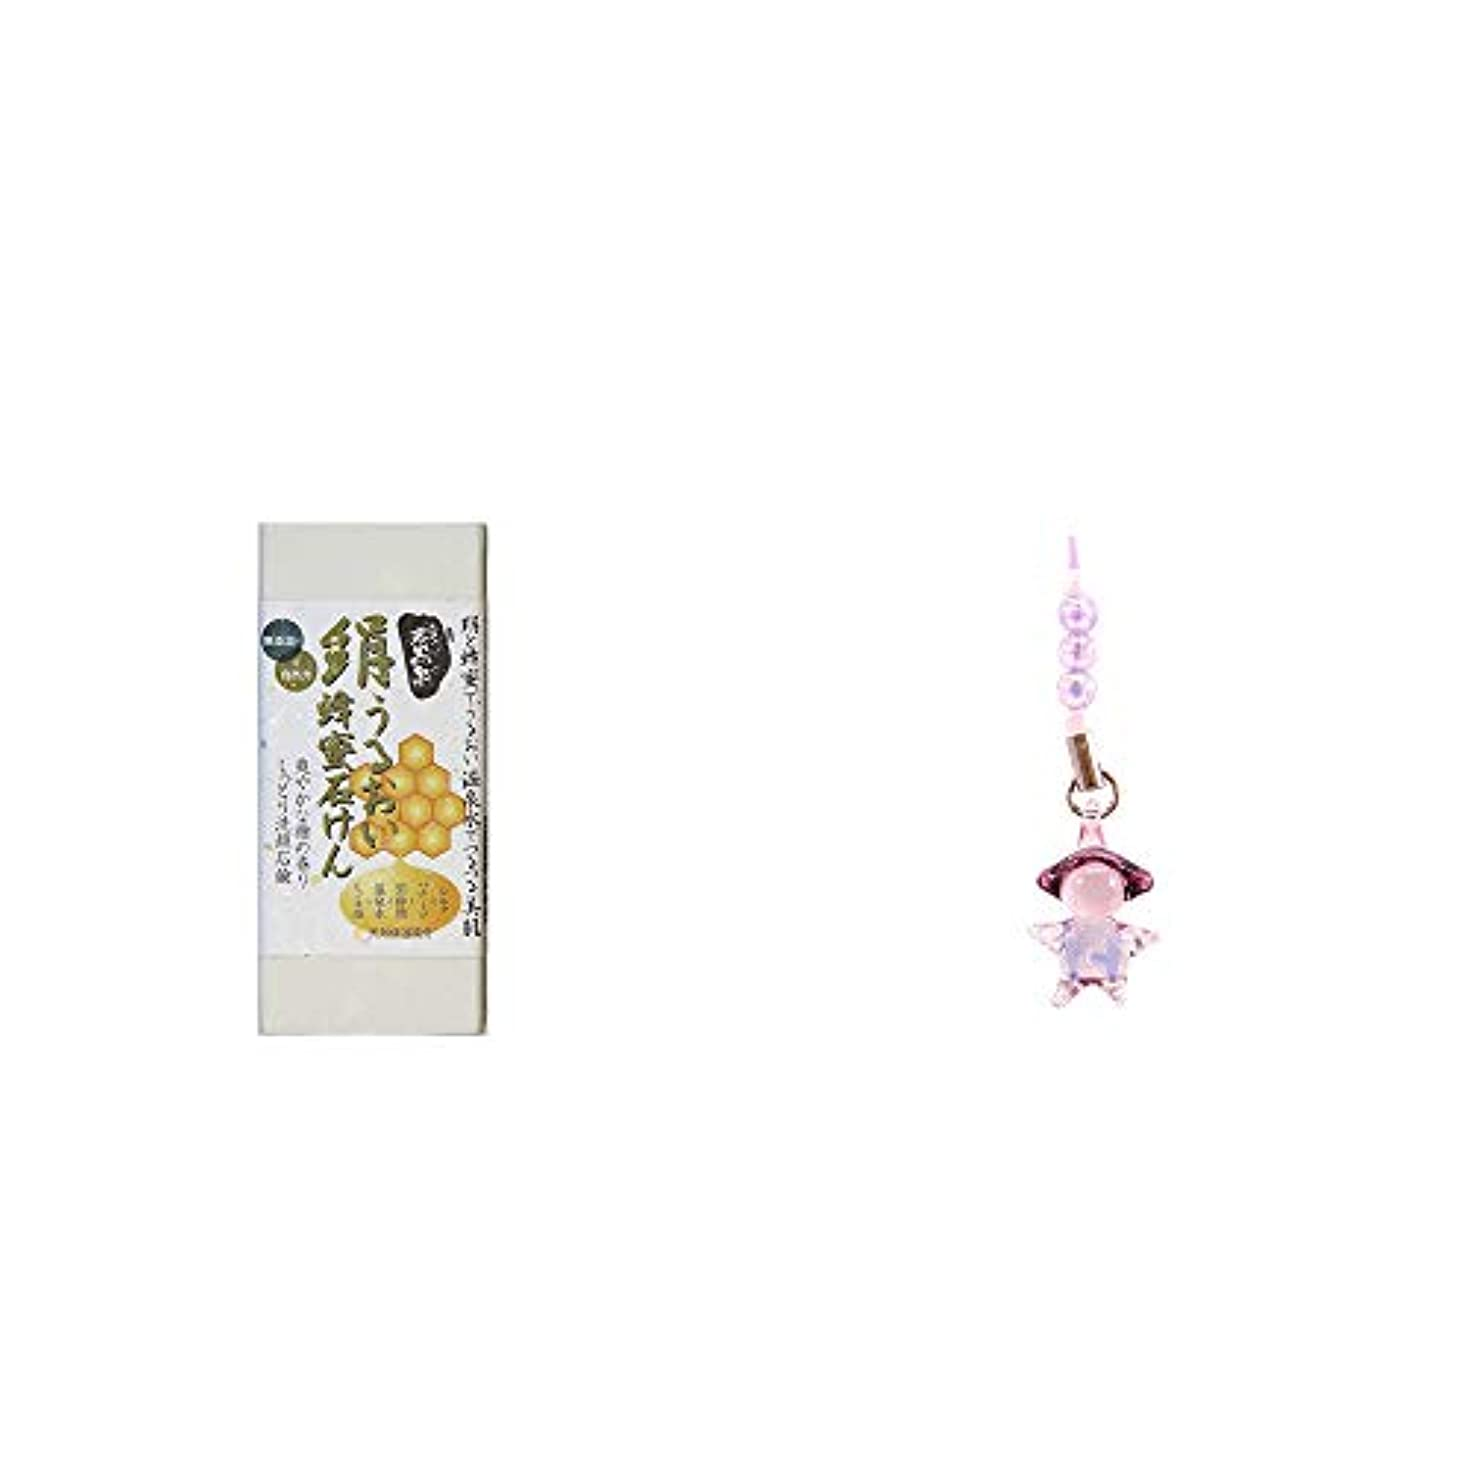 遅い傘フロー[2点セット] ひのき炭黒泉 絹うるおい蜂蜜石けん(75g×2)?ガラスのさるぼぼ 手作りキーホルダー 【紫】 /出世運?健やかな長寿祈願?トップを目指す?魔除け//